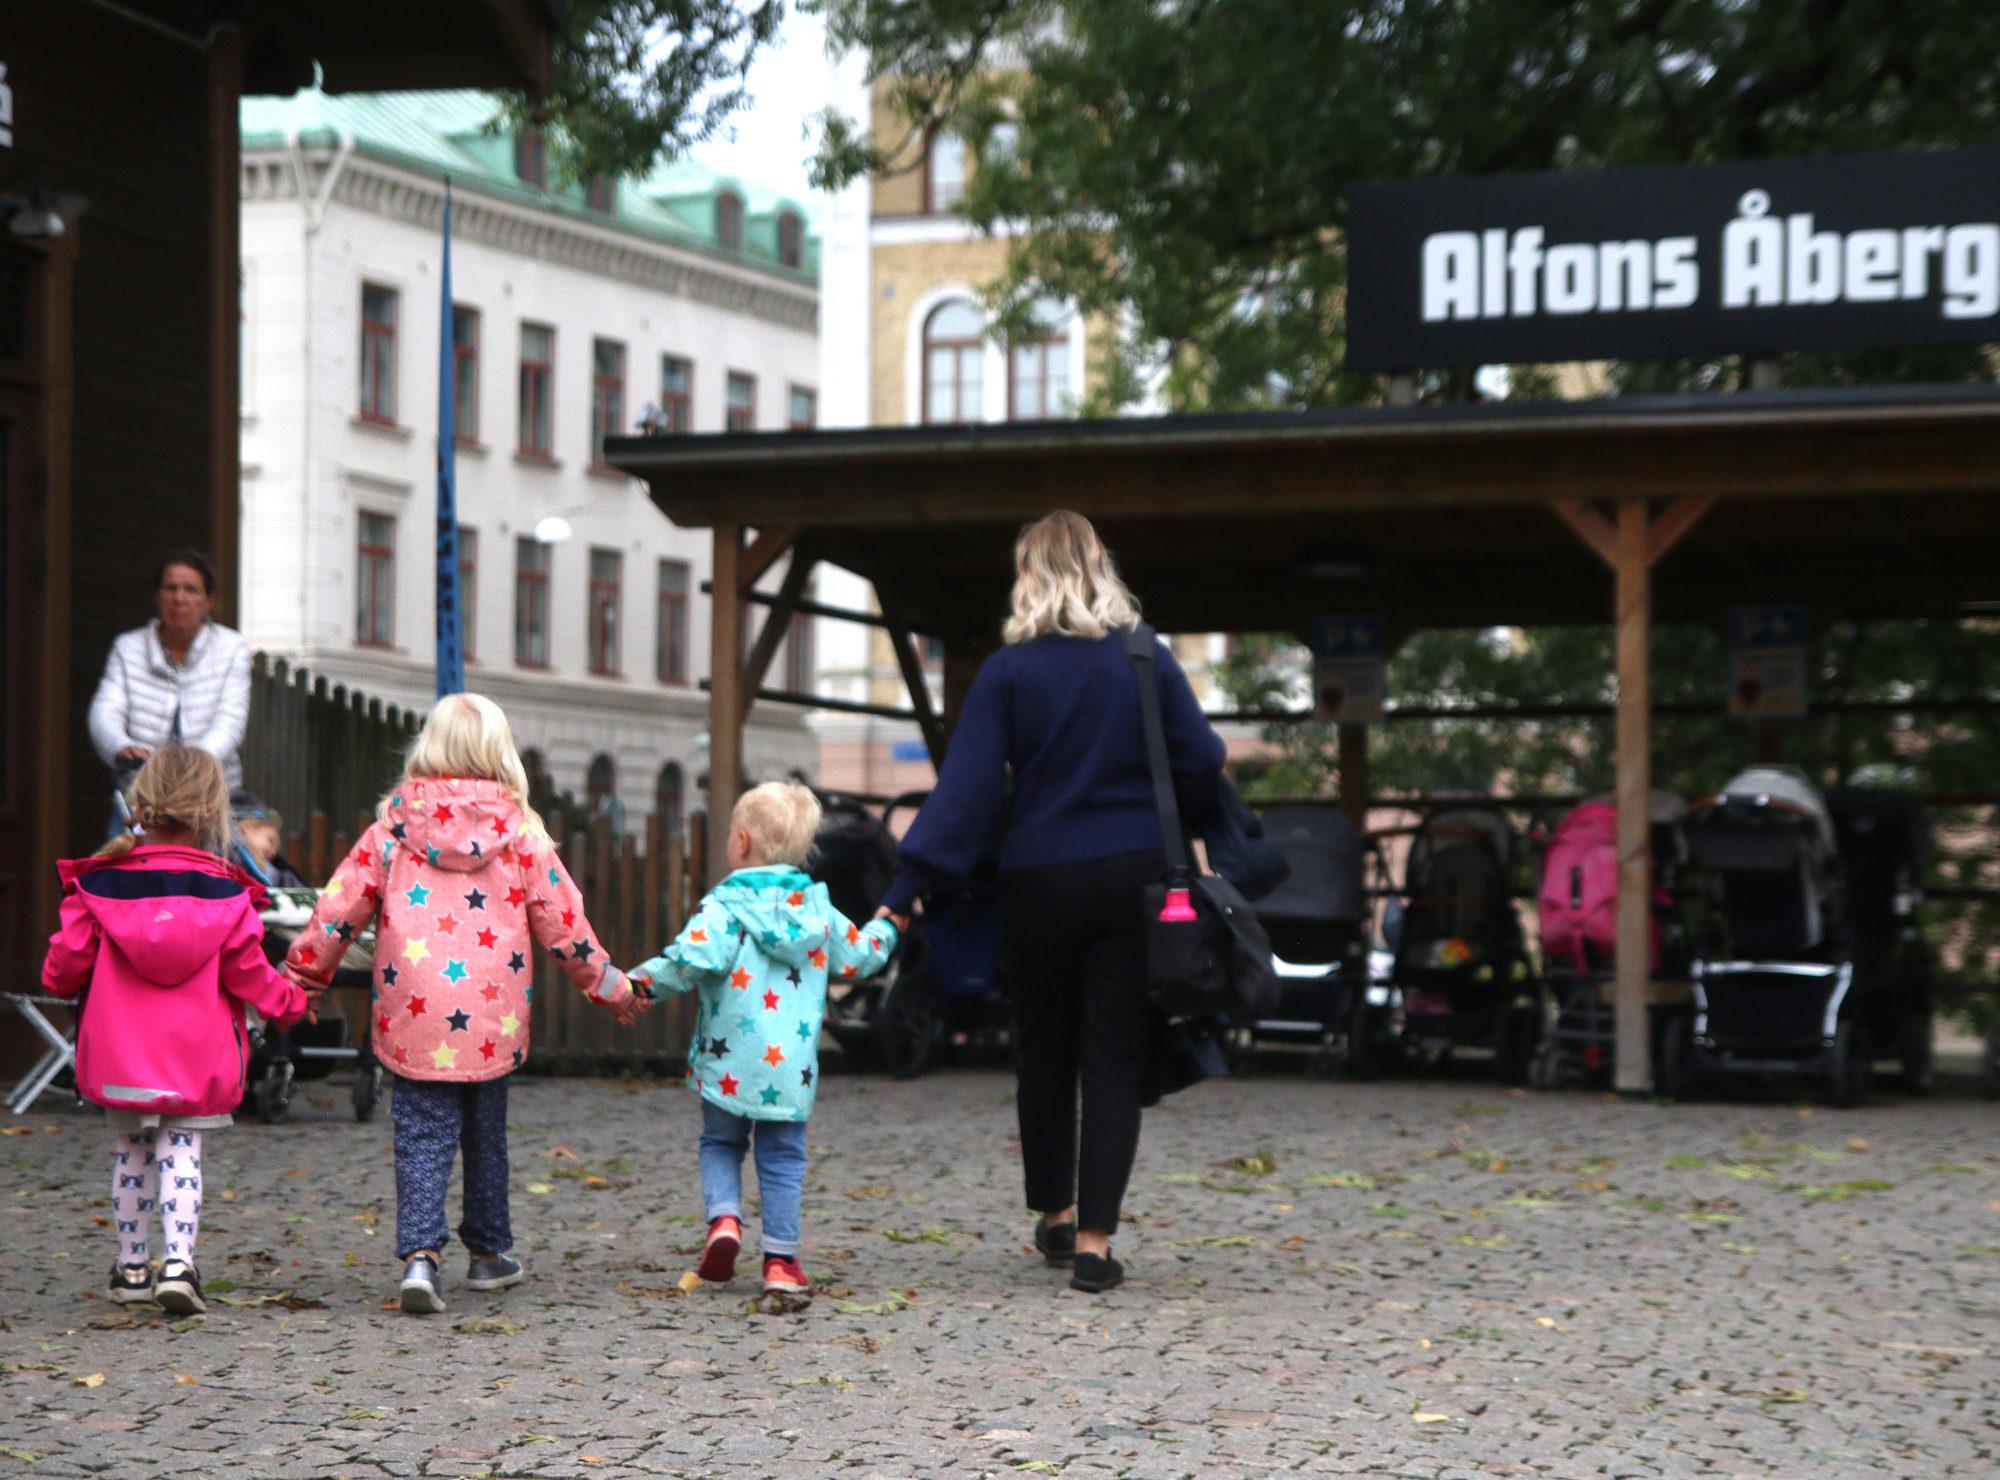 Kreativt kulturhus. Alfons Åbergs kulturhus er et lite stykke barnemagi midt i Gøteborg. Det er åpnet hver eneste dag fra kl. 11 til 16 og her kan barna utfolde seg kreativt uten masse eksterne uttrykk og påvirkninger. To ganger daglig er det teaterforestilling i kulturhuset. Her er det også en kafé og uteområdene er helt fabelaktige. Foto: Fjord Line